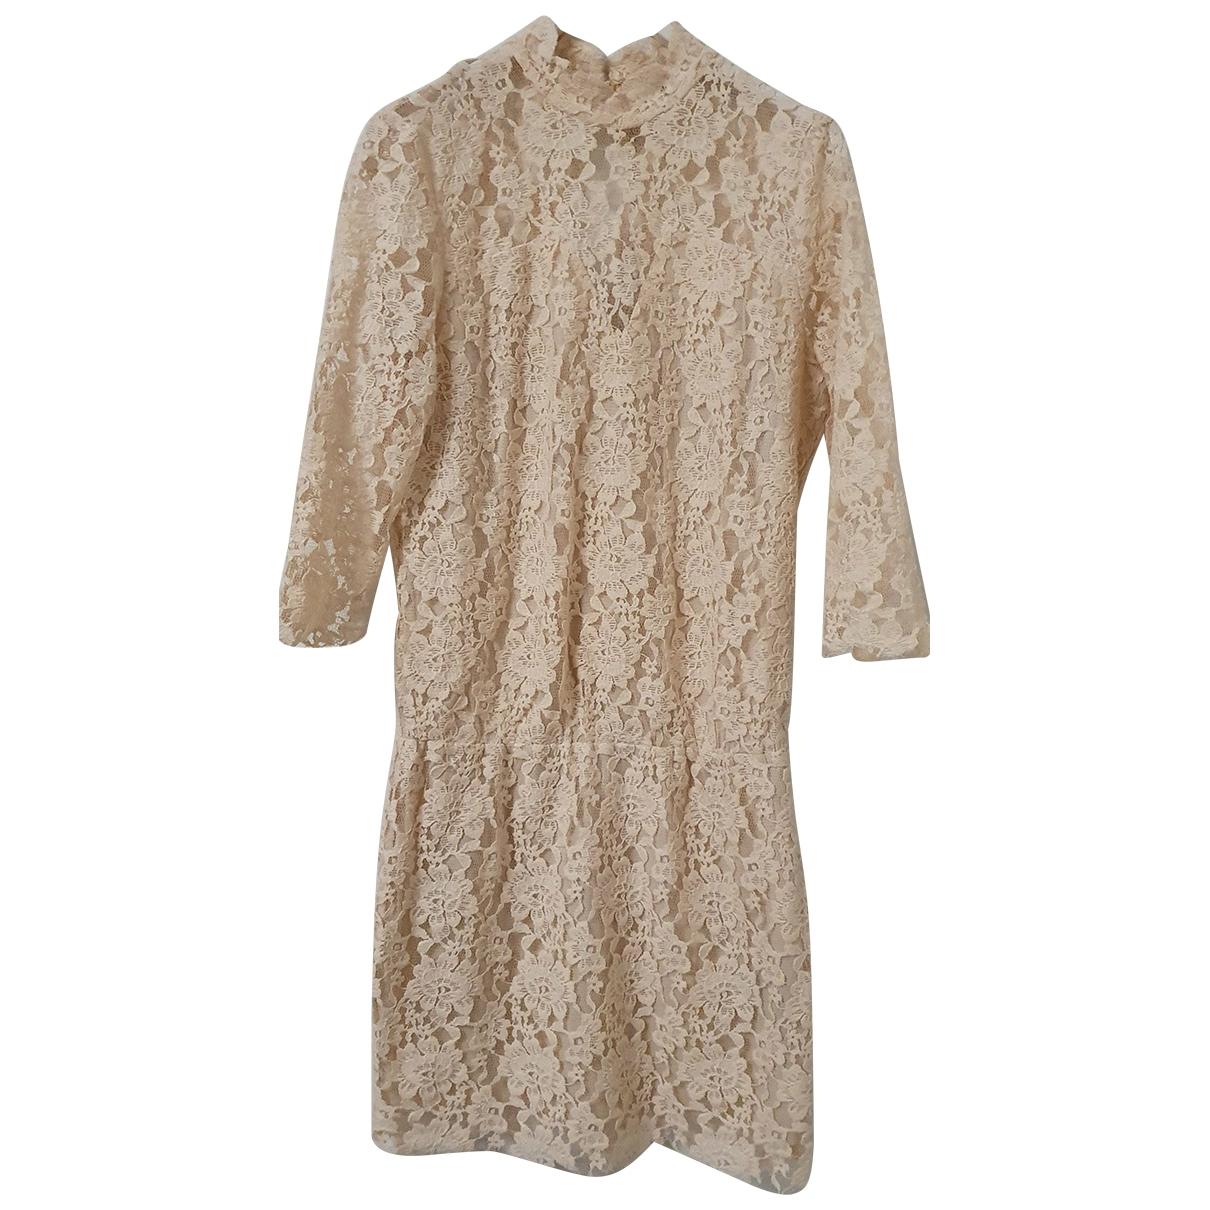 Gestuz \N Kleid in  Ecru Baumwolle